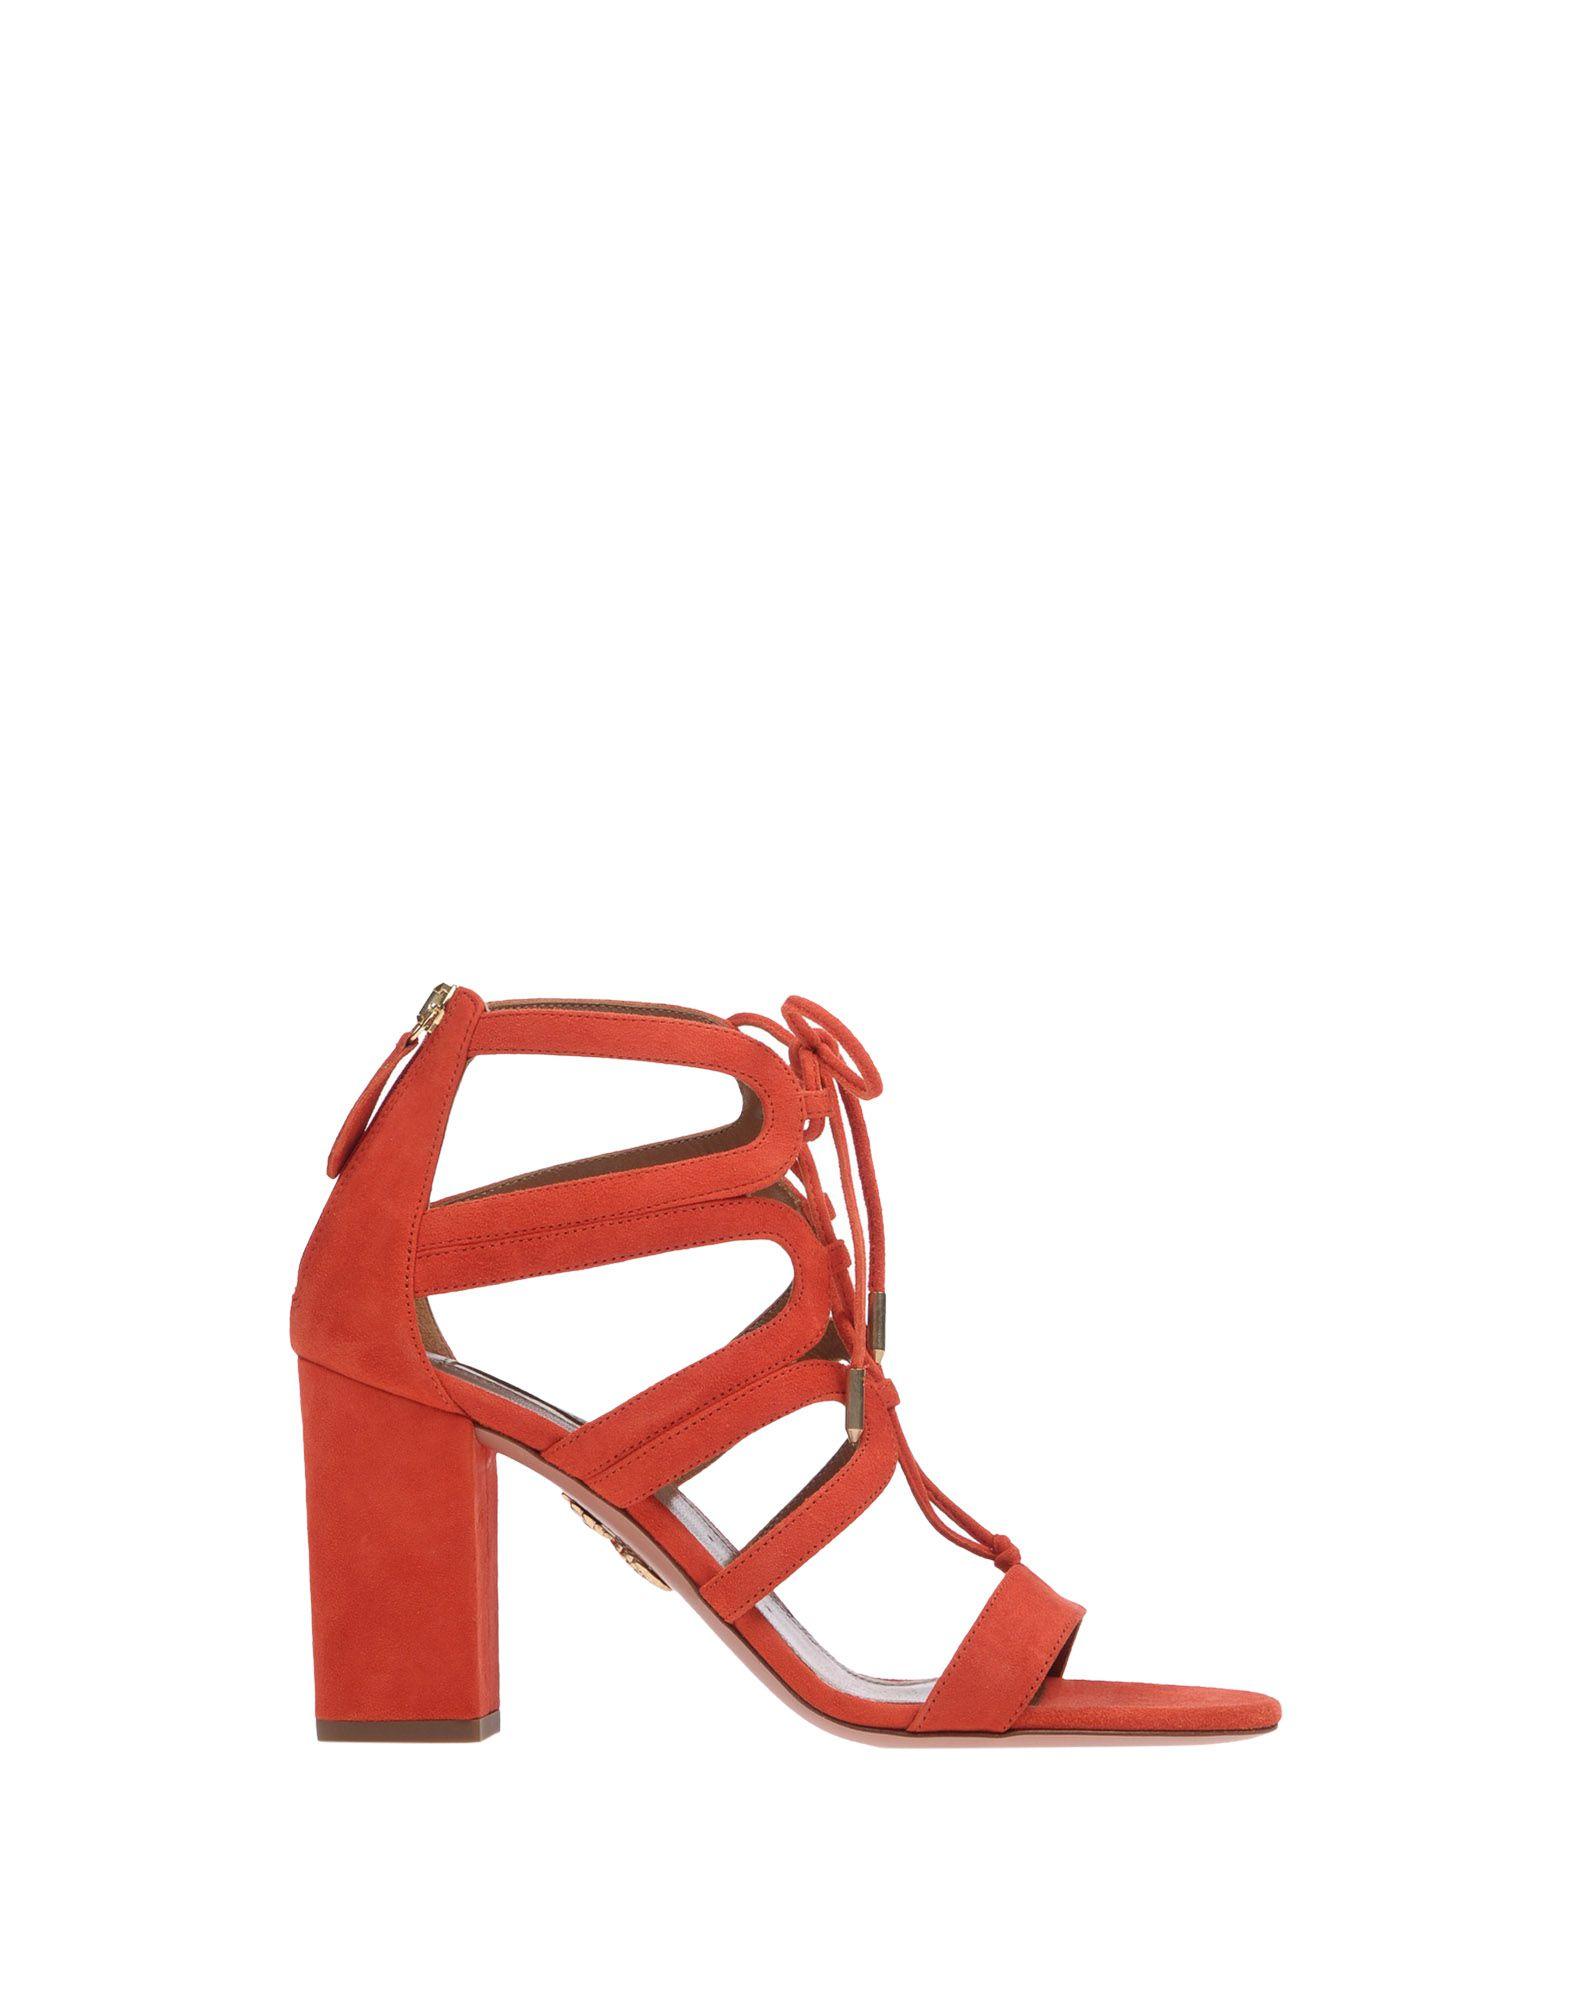 Aquazzura Sandalen Damen Schuhe  11388529RQ Heiße Schuhe Damen 583074